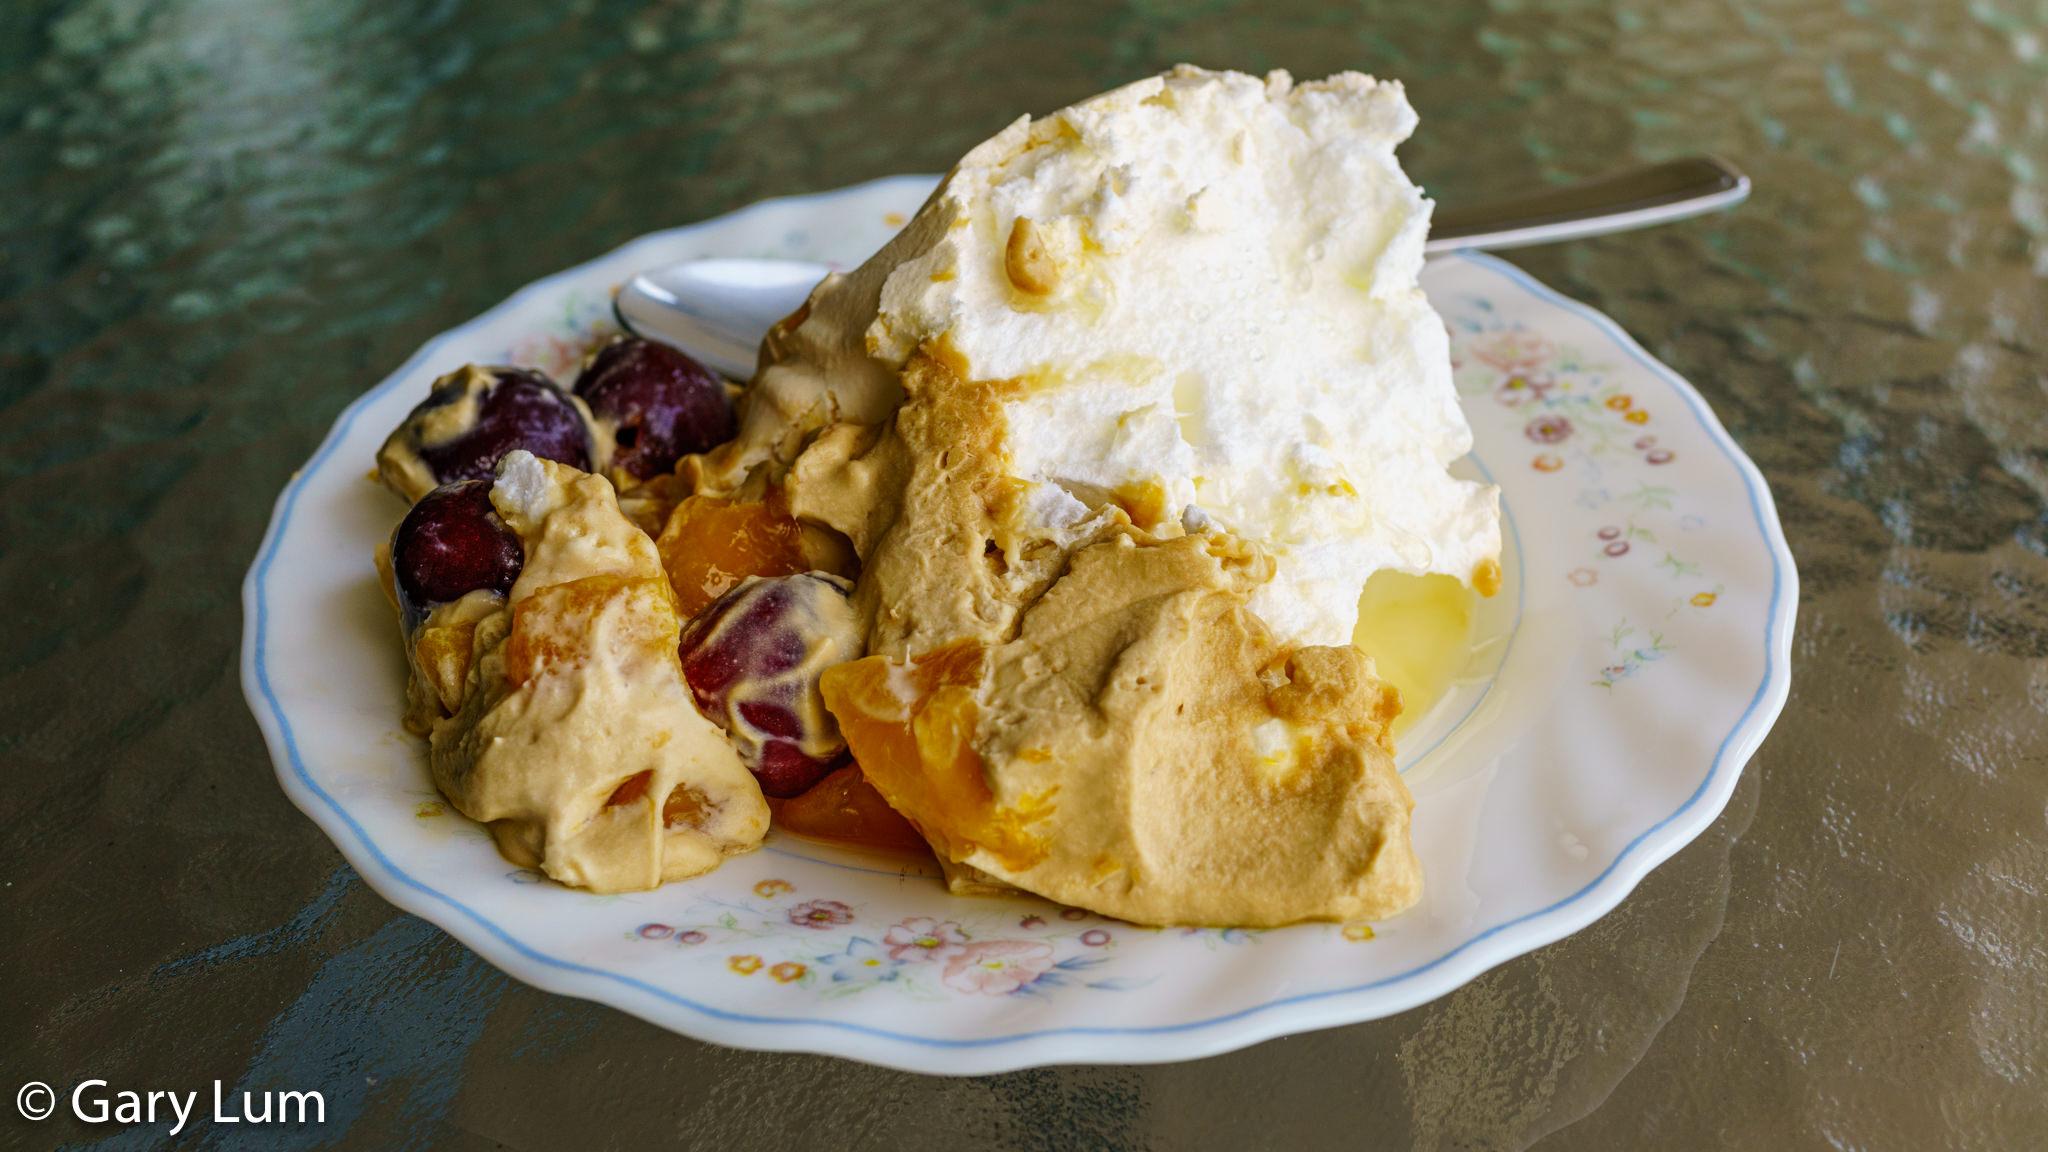 Breakfast of champions. Pavlova with brown sugar cream, cherries, and mango. Gary Lum.